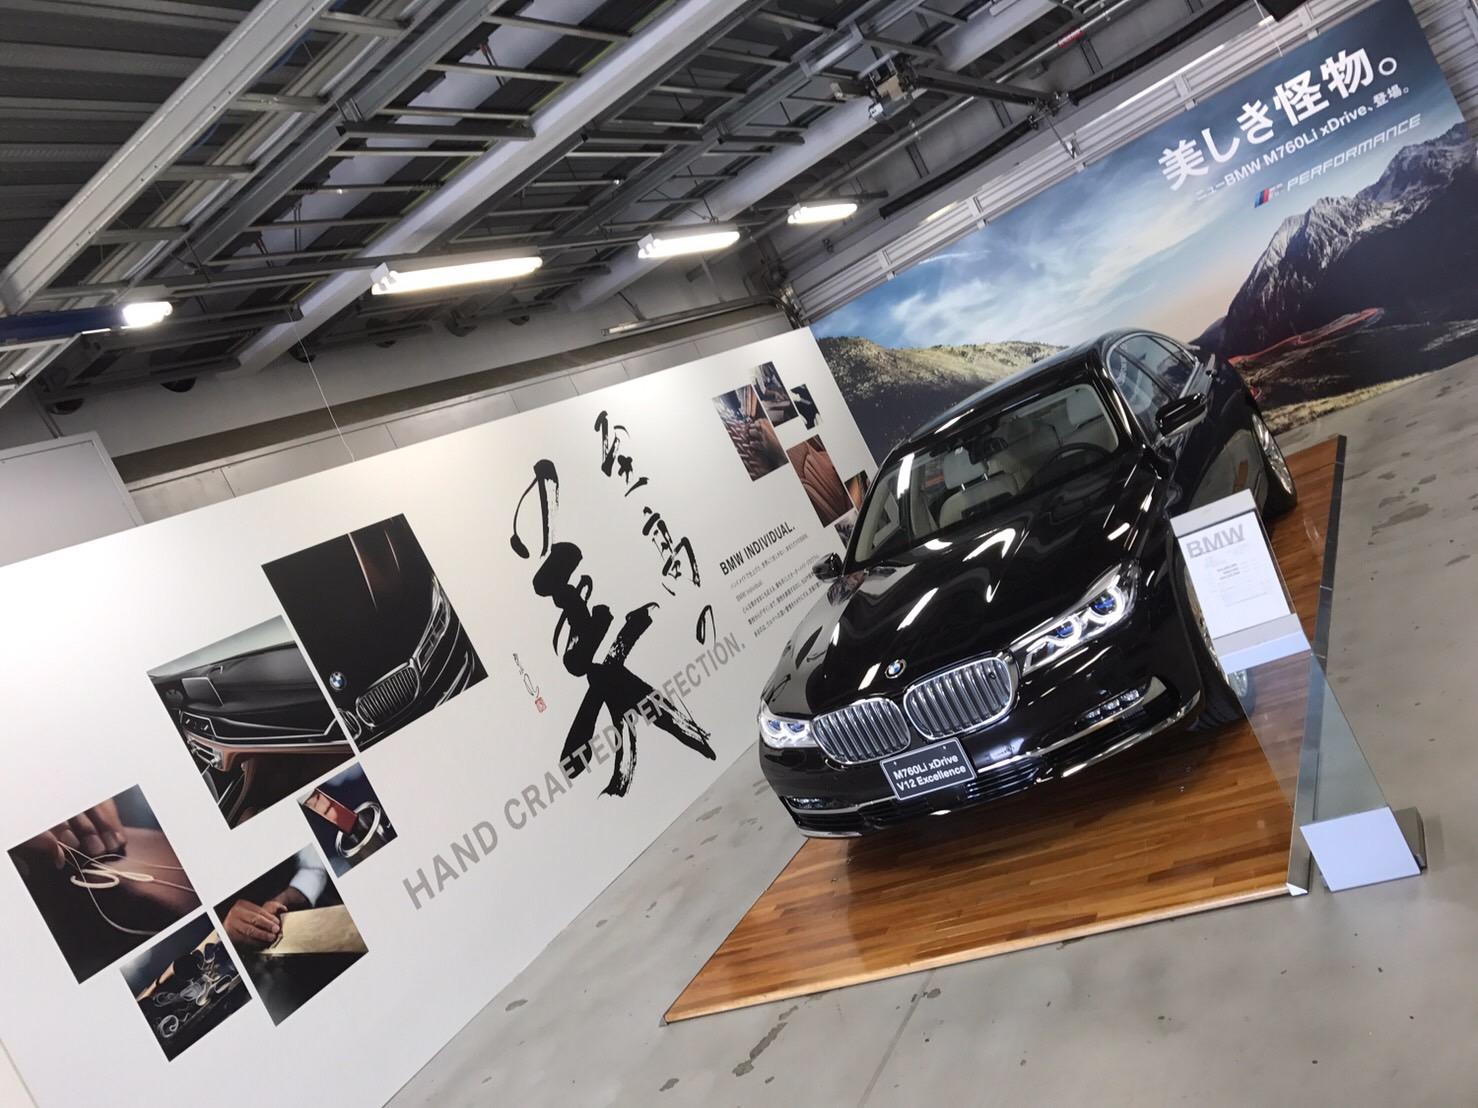 BMW INDIVIDUAL 至高の美 美 富士スピードウェイ 山口芳水 書家 書道家 書 デザイン